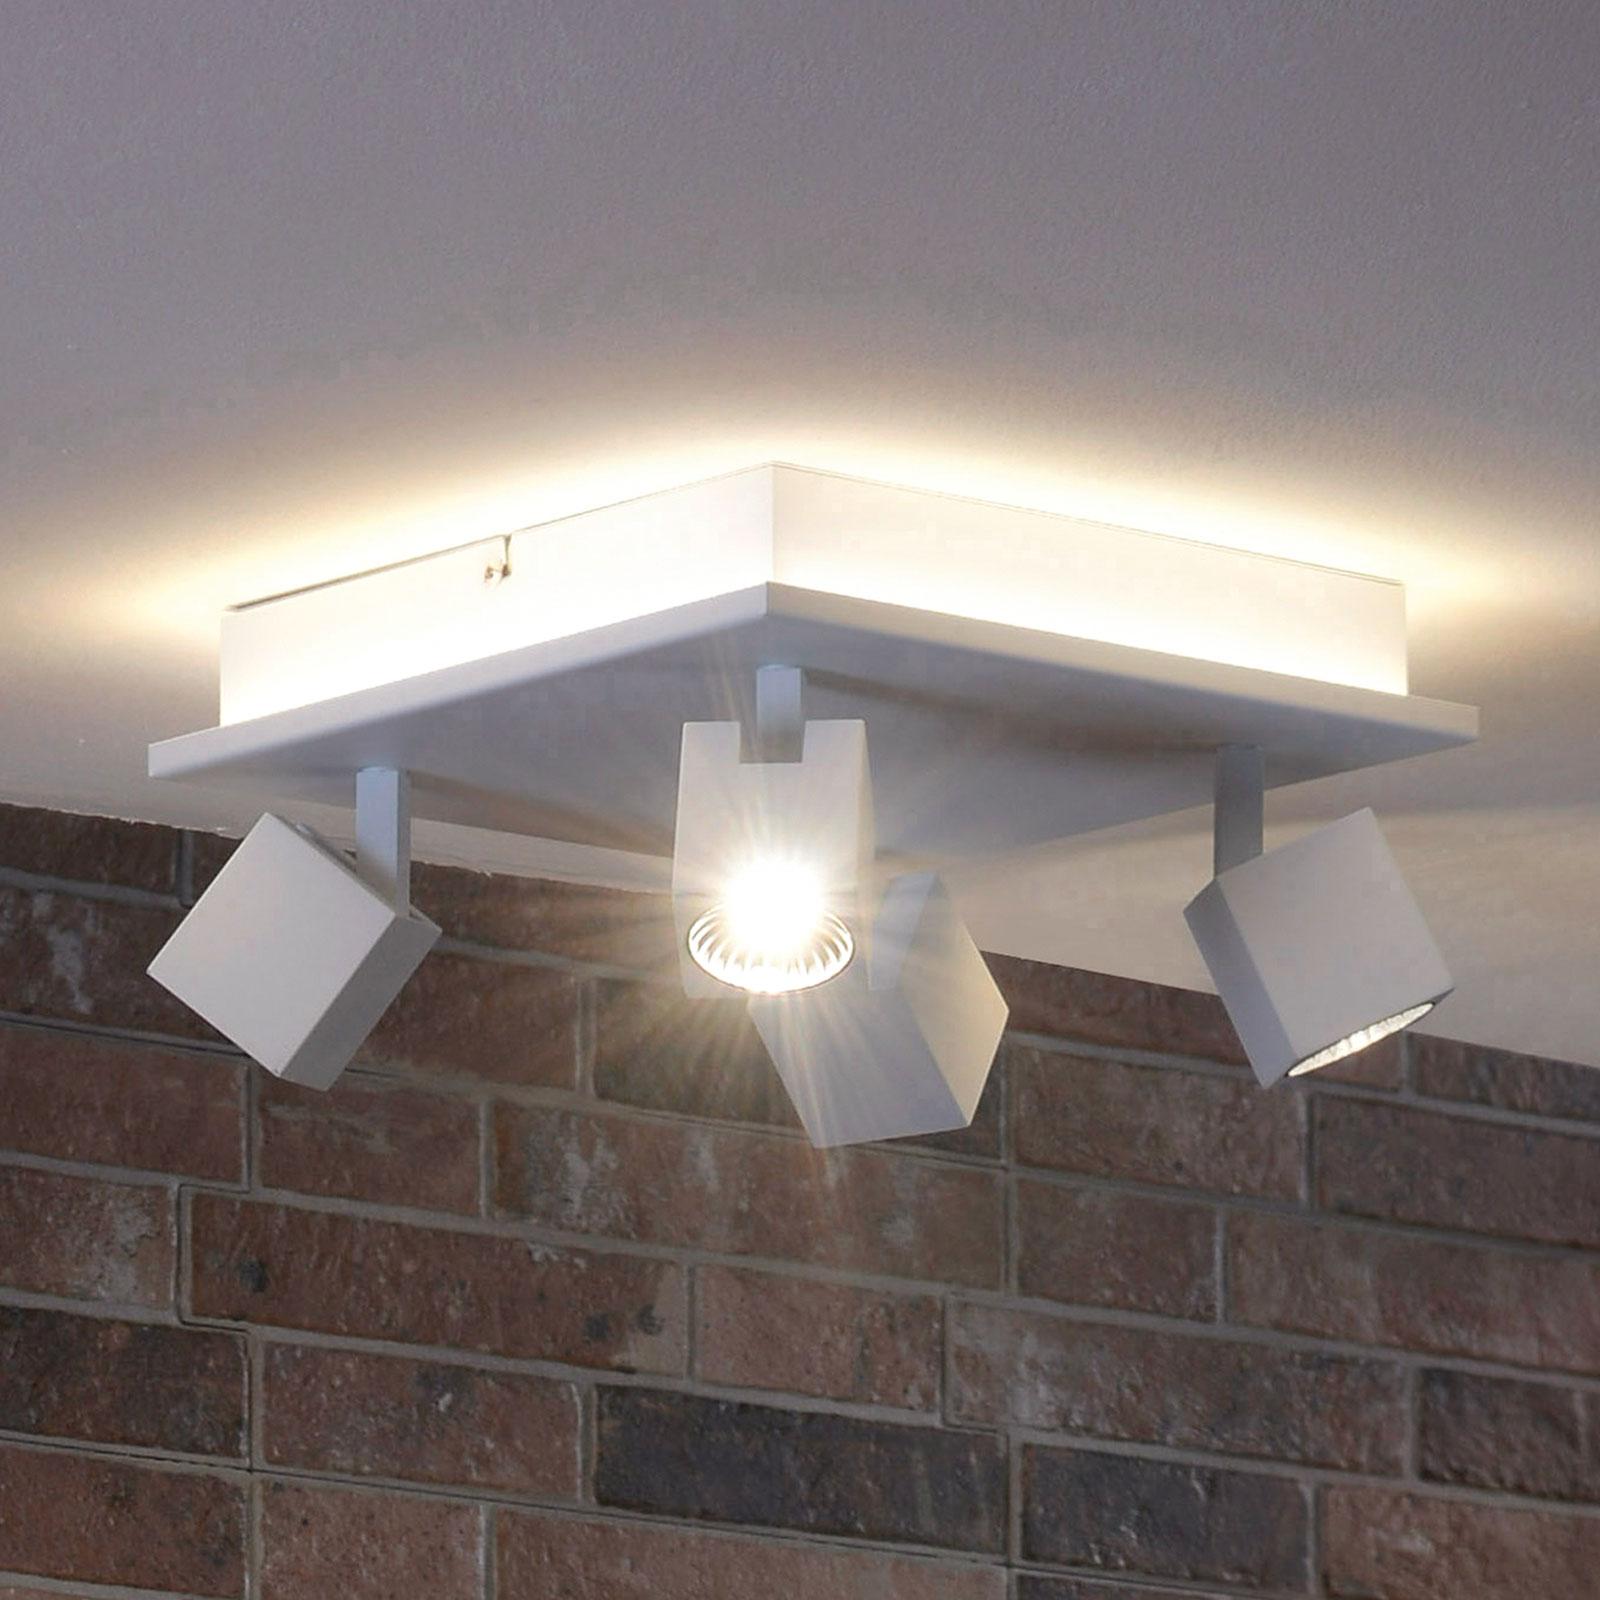 Super Acquista Plafoniera LED Cuba - luce diretta/indiretta   Lampade.it QP98